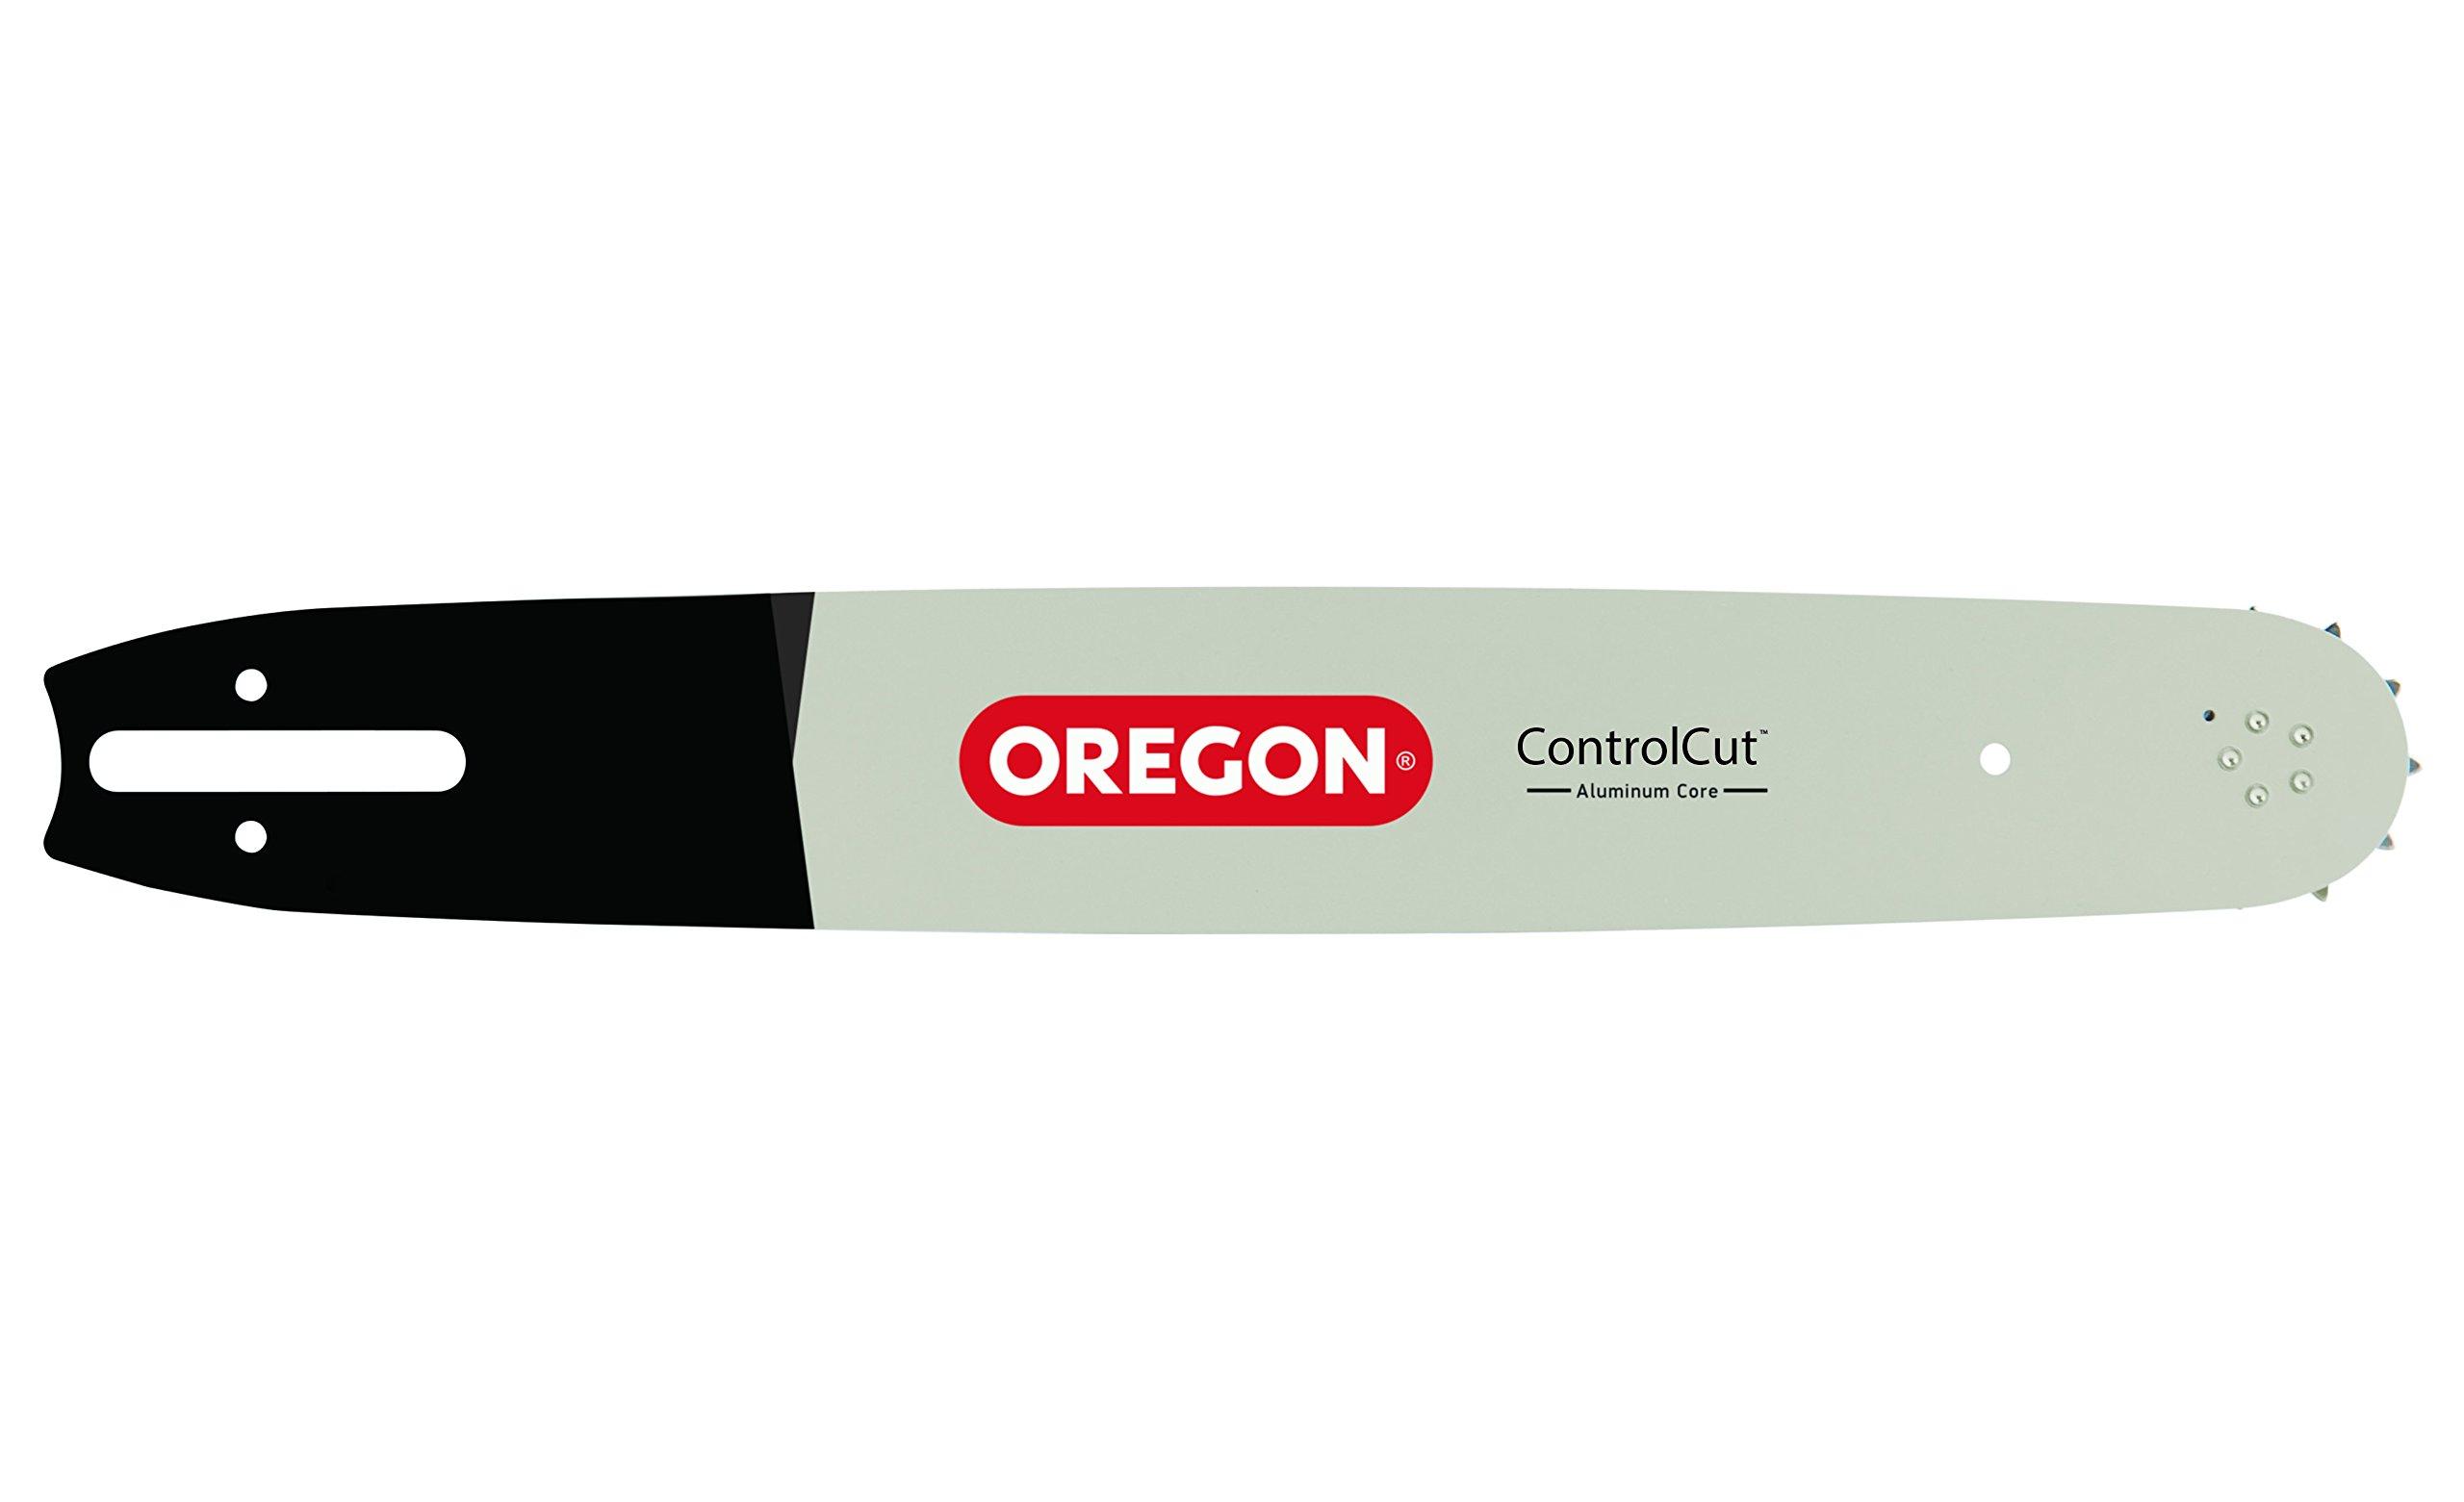 Oregon 163PXLBA074 Briggs and Stratton 16'' ControlCut Guide Bar, Multiple